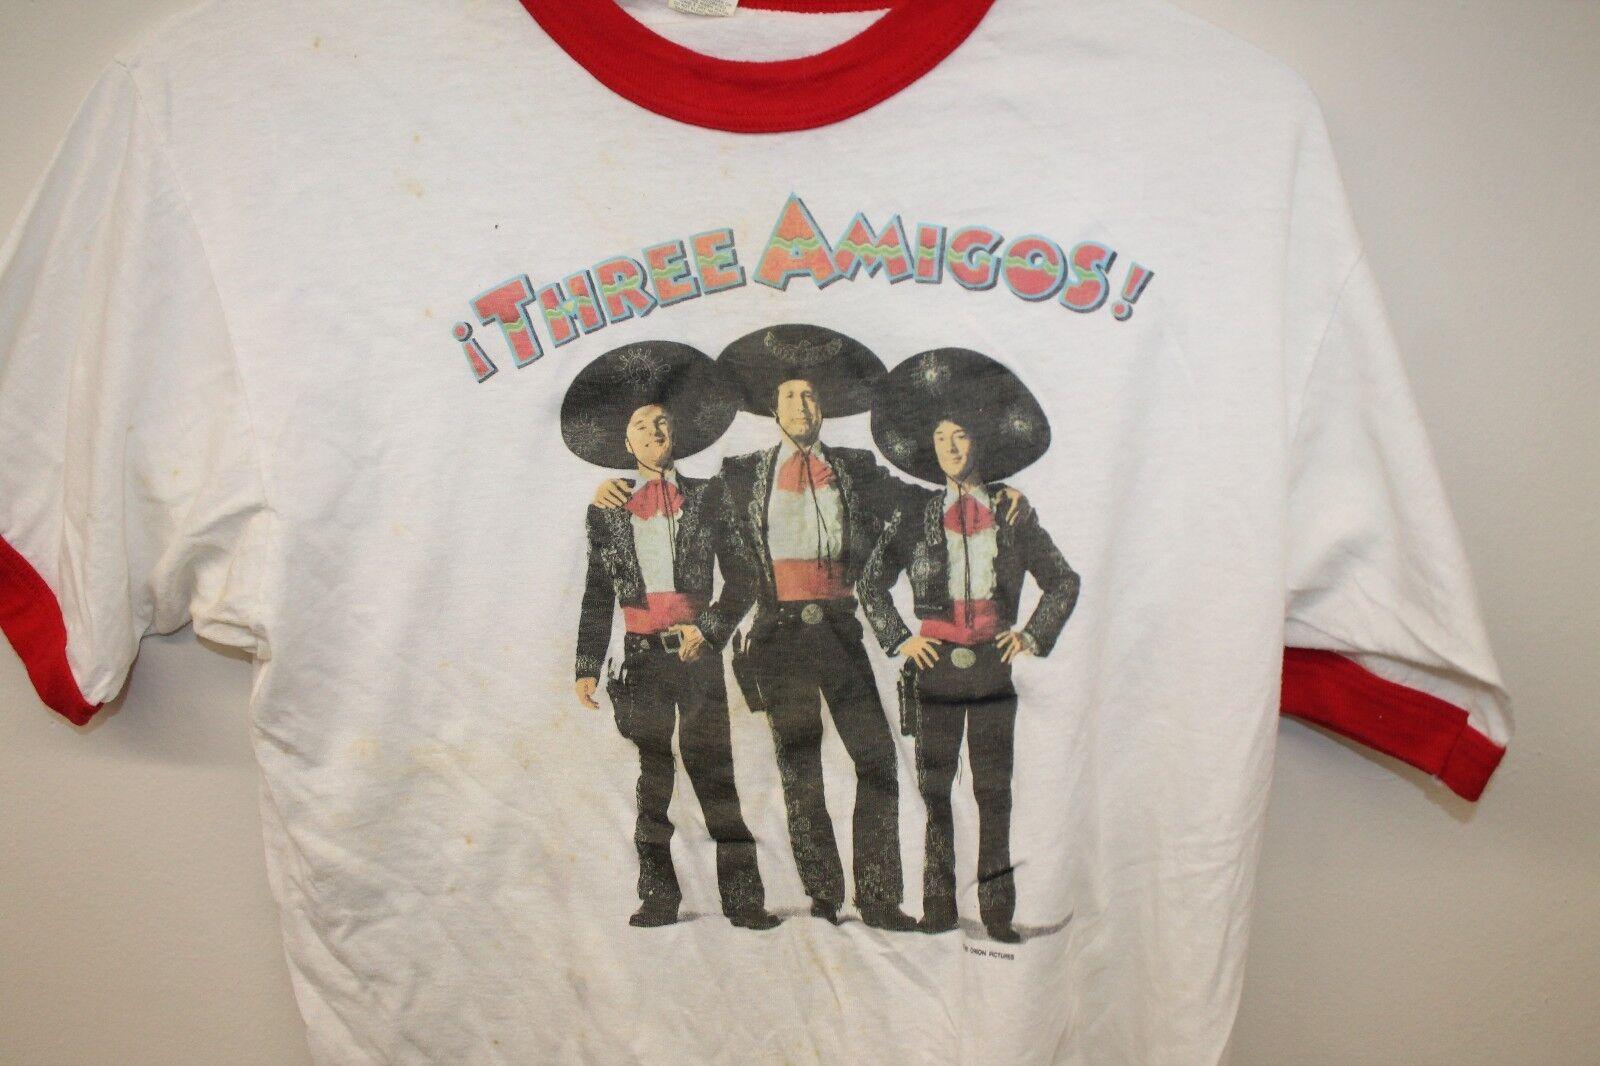 Vtg Original Three Amigos  T-shirt White Sz XL 1986